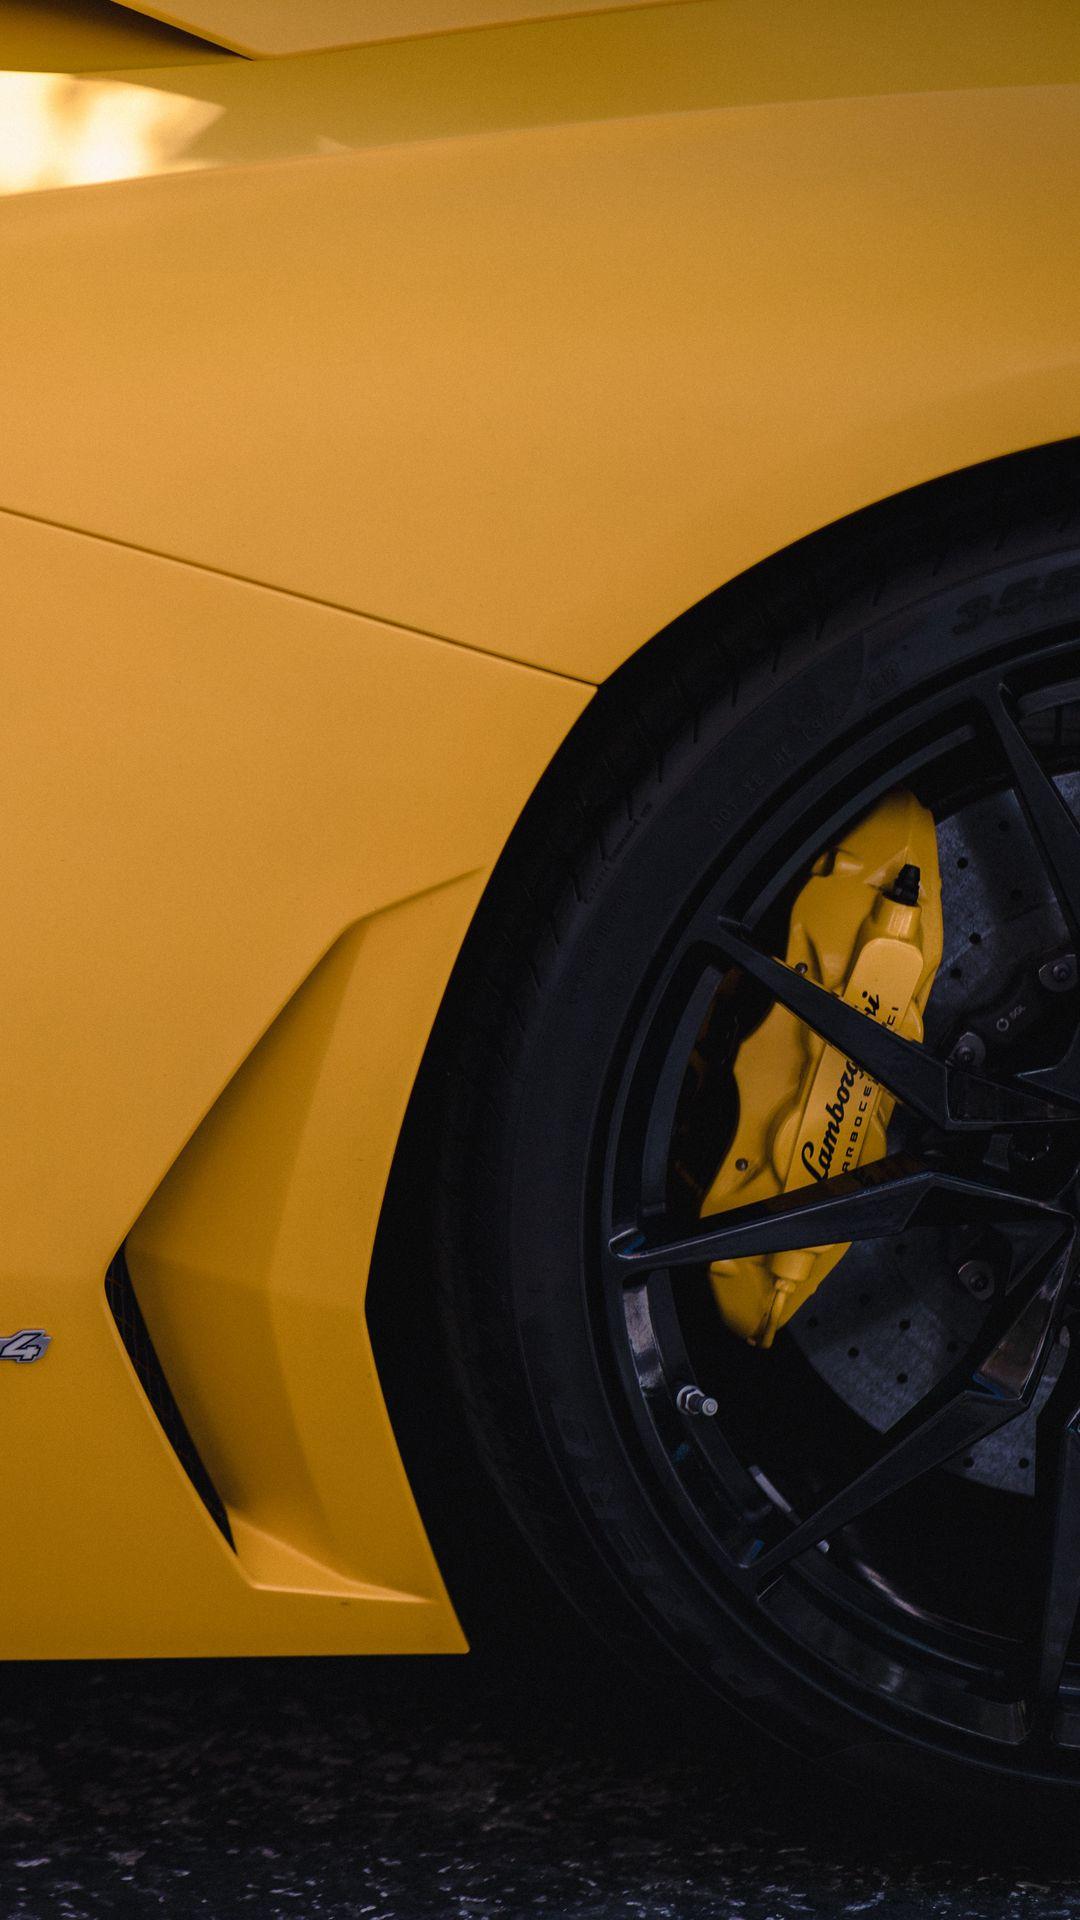 Lamborghini Wheel Car Wallpapers Free Download